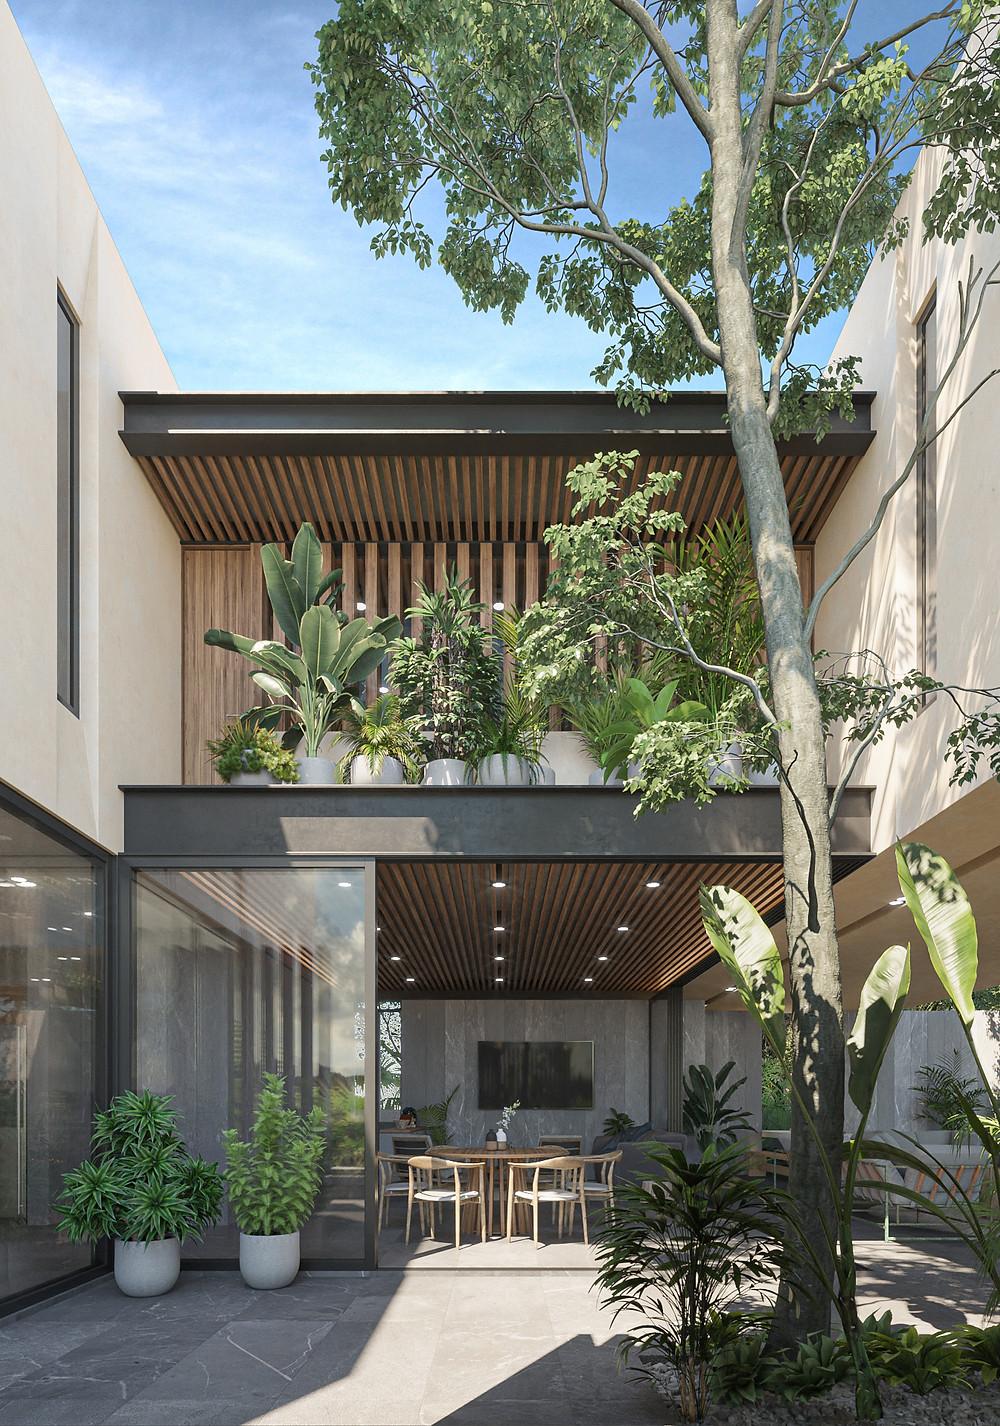 BOOY | tescala | patio acceso entre volúmenes